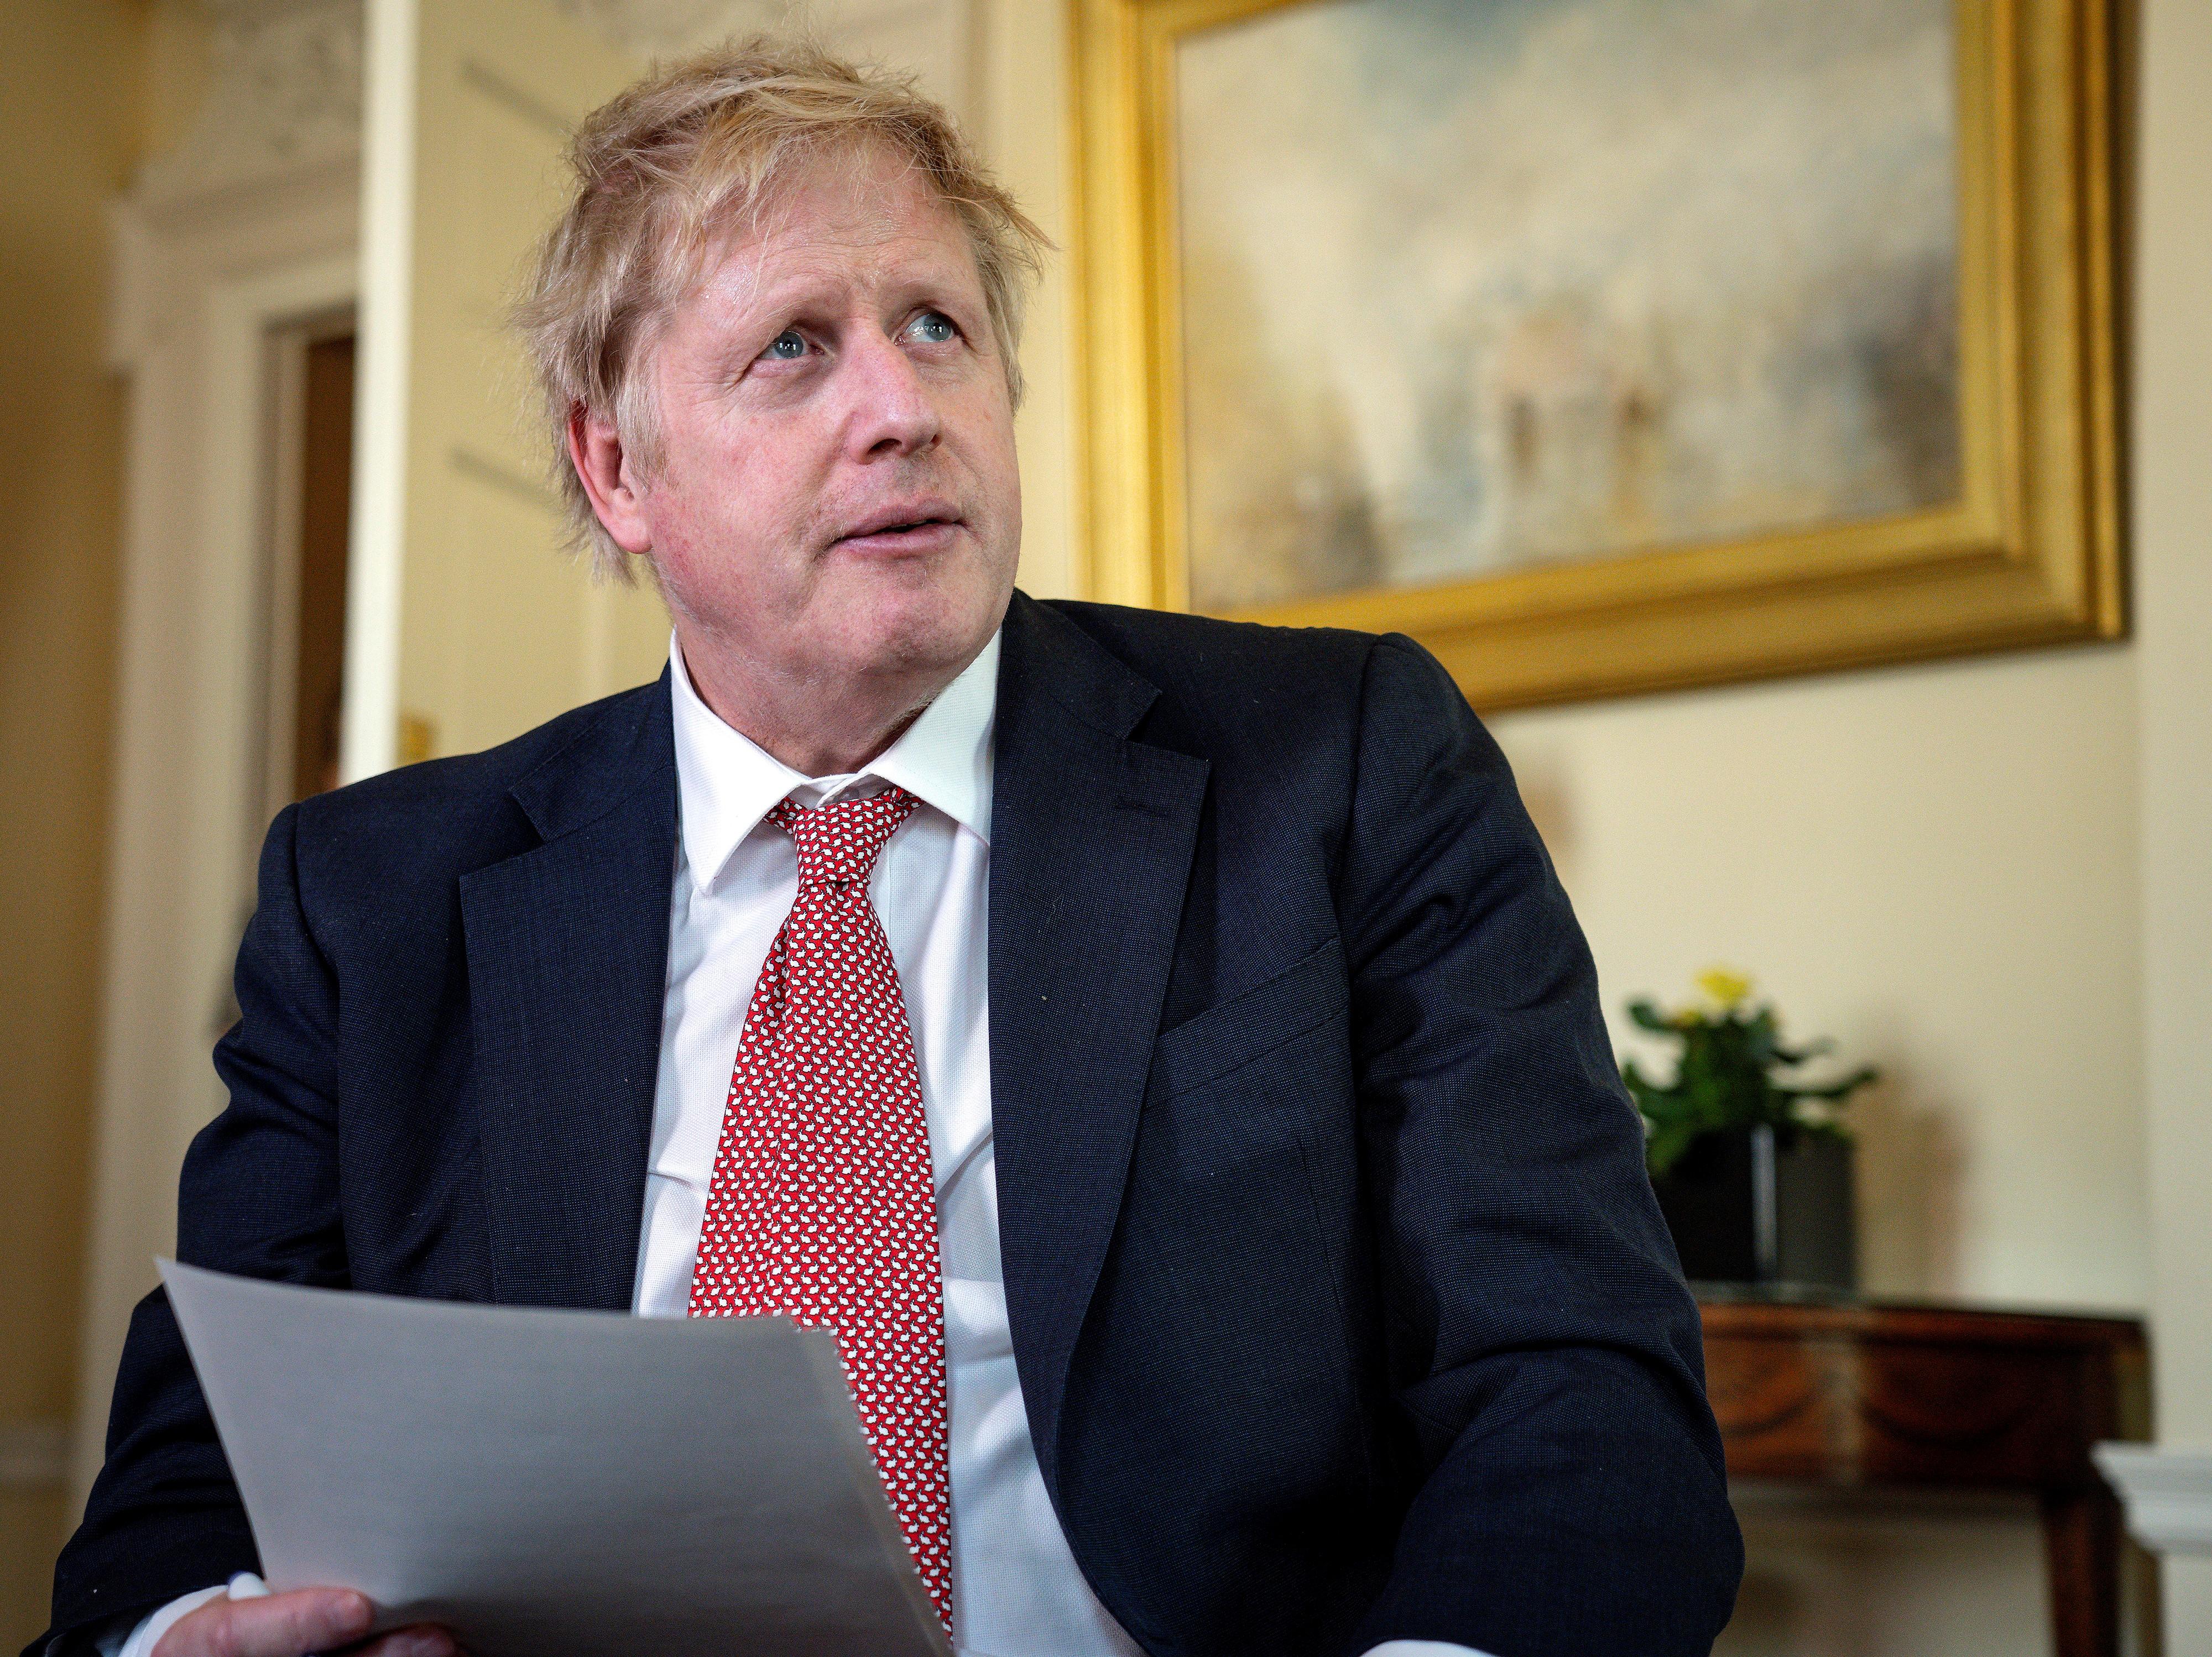 Olasz lapok szerint Boris Johnson titokban Olaszországban töltött egy hétvégét